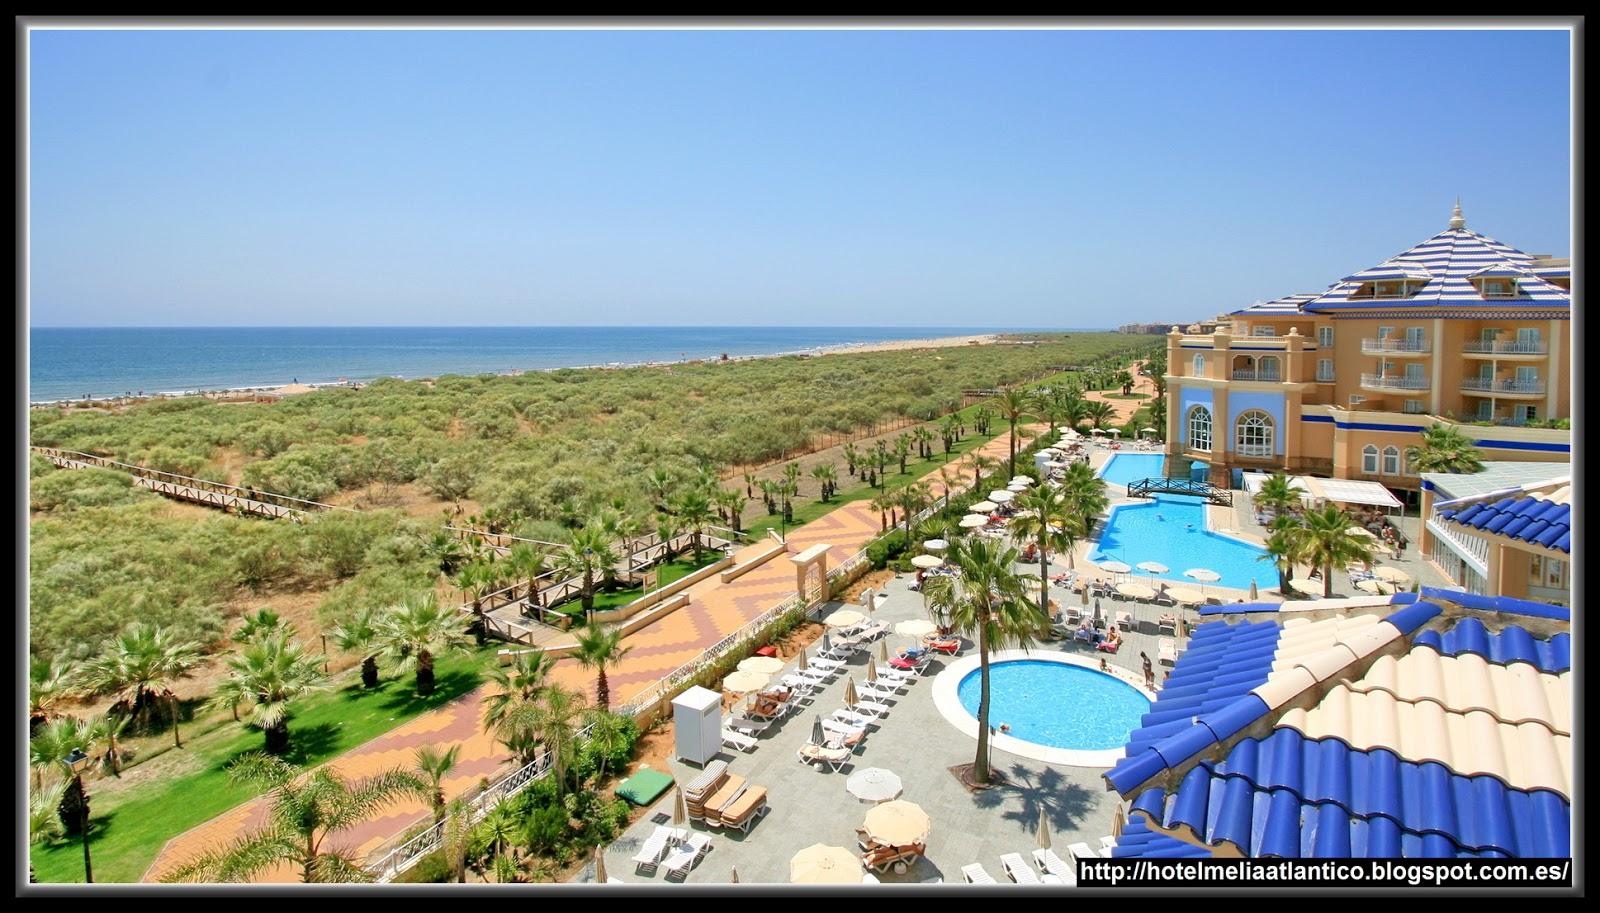 hotel melia atlantico hotel melia atlantico isla canela. Black Bedroom Furniture Sets. Home Design Ideas